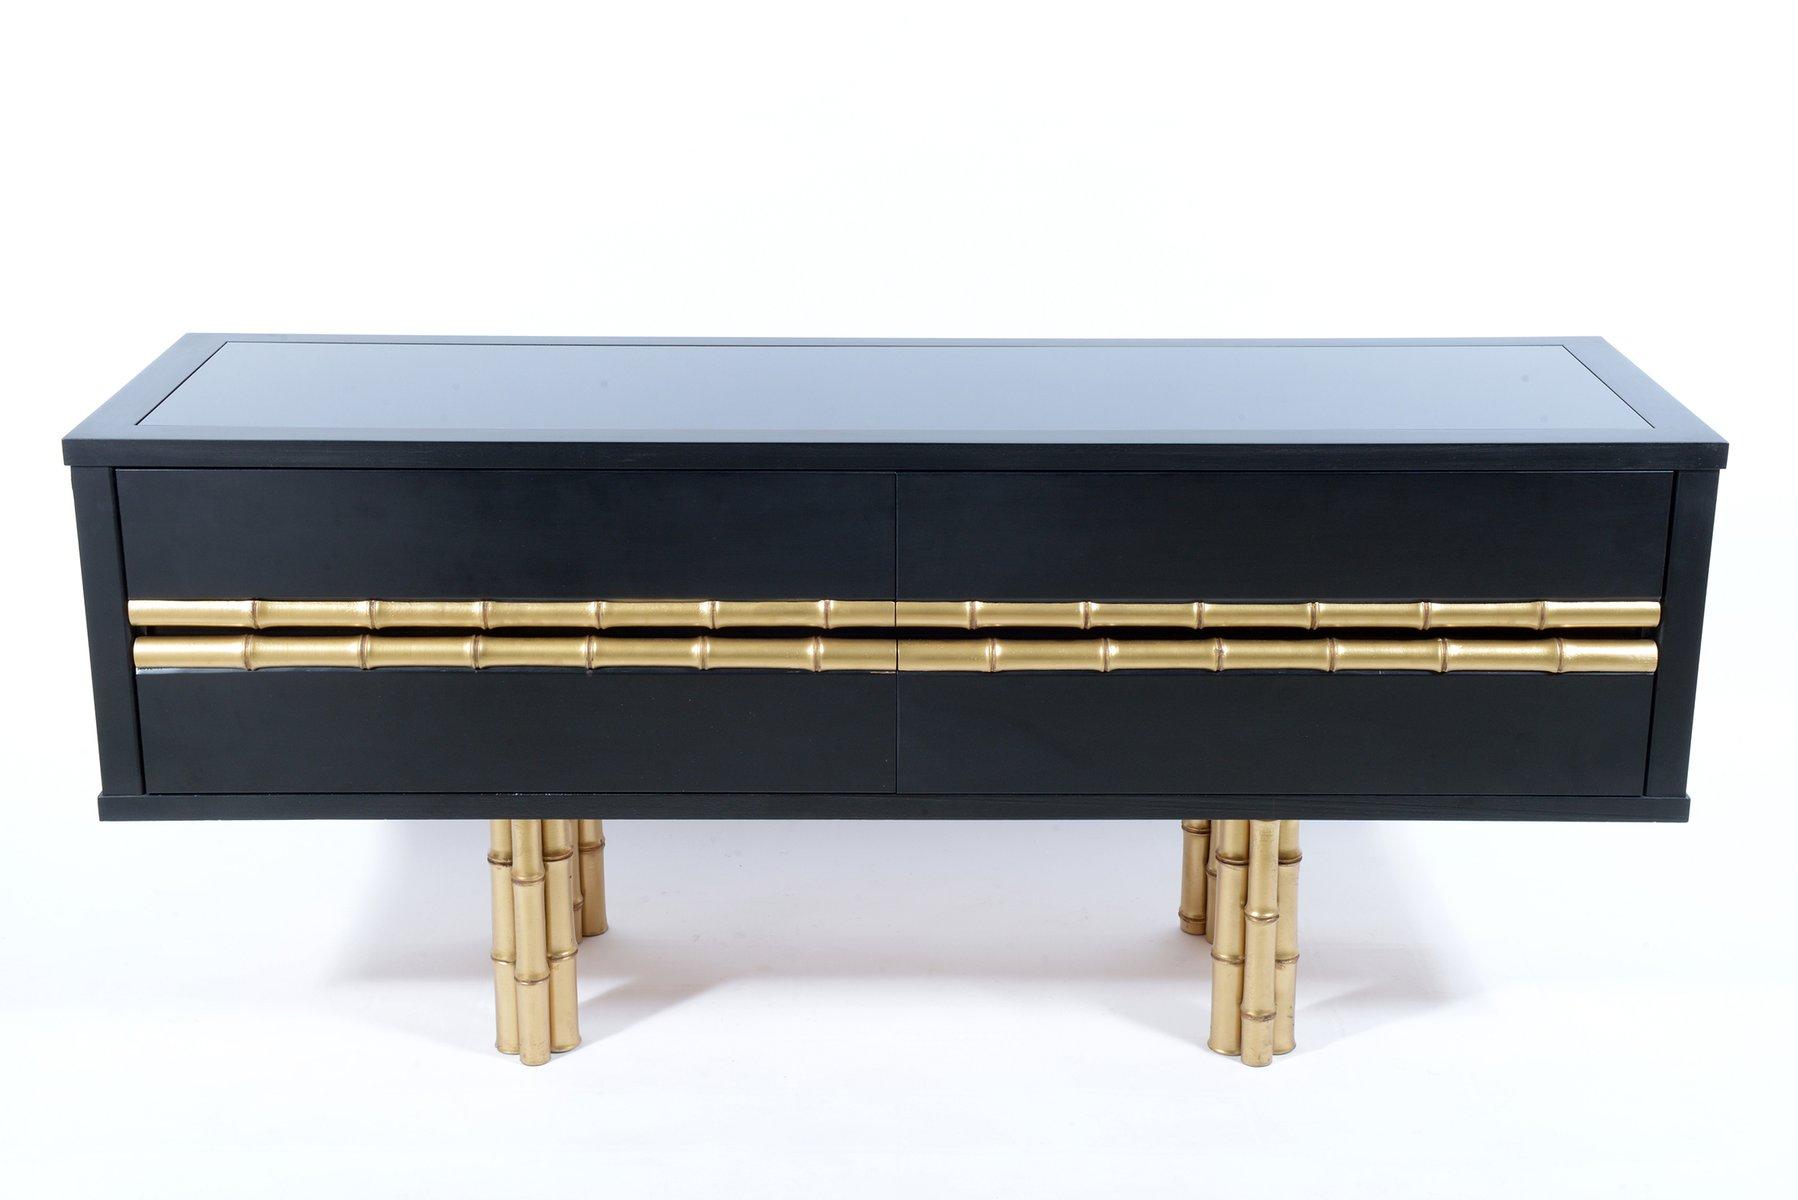 commode noire dor e italie 1960s en vente sur pamono. Black Bedroom Furniture Sets. Home Design Ideas